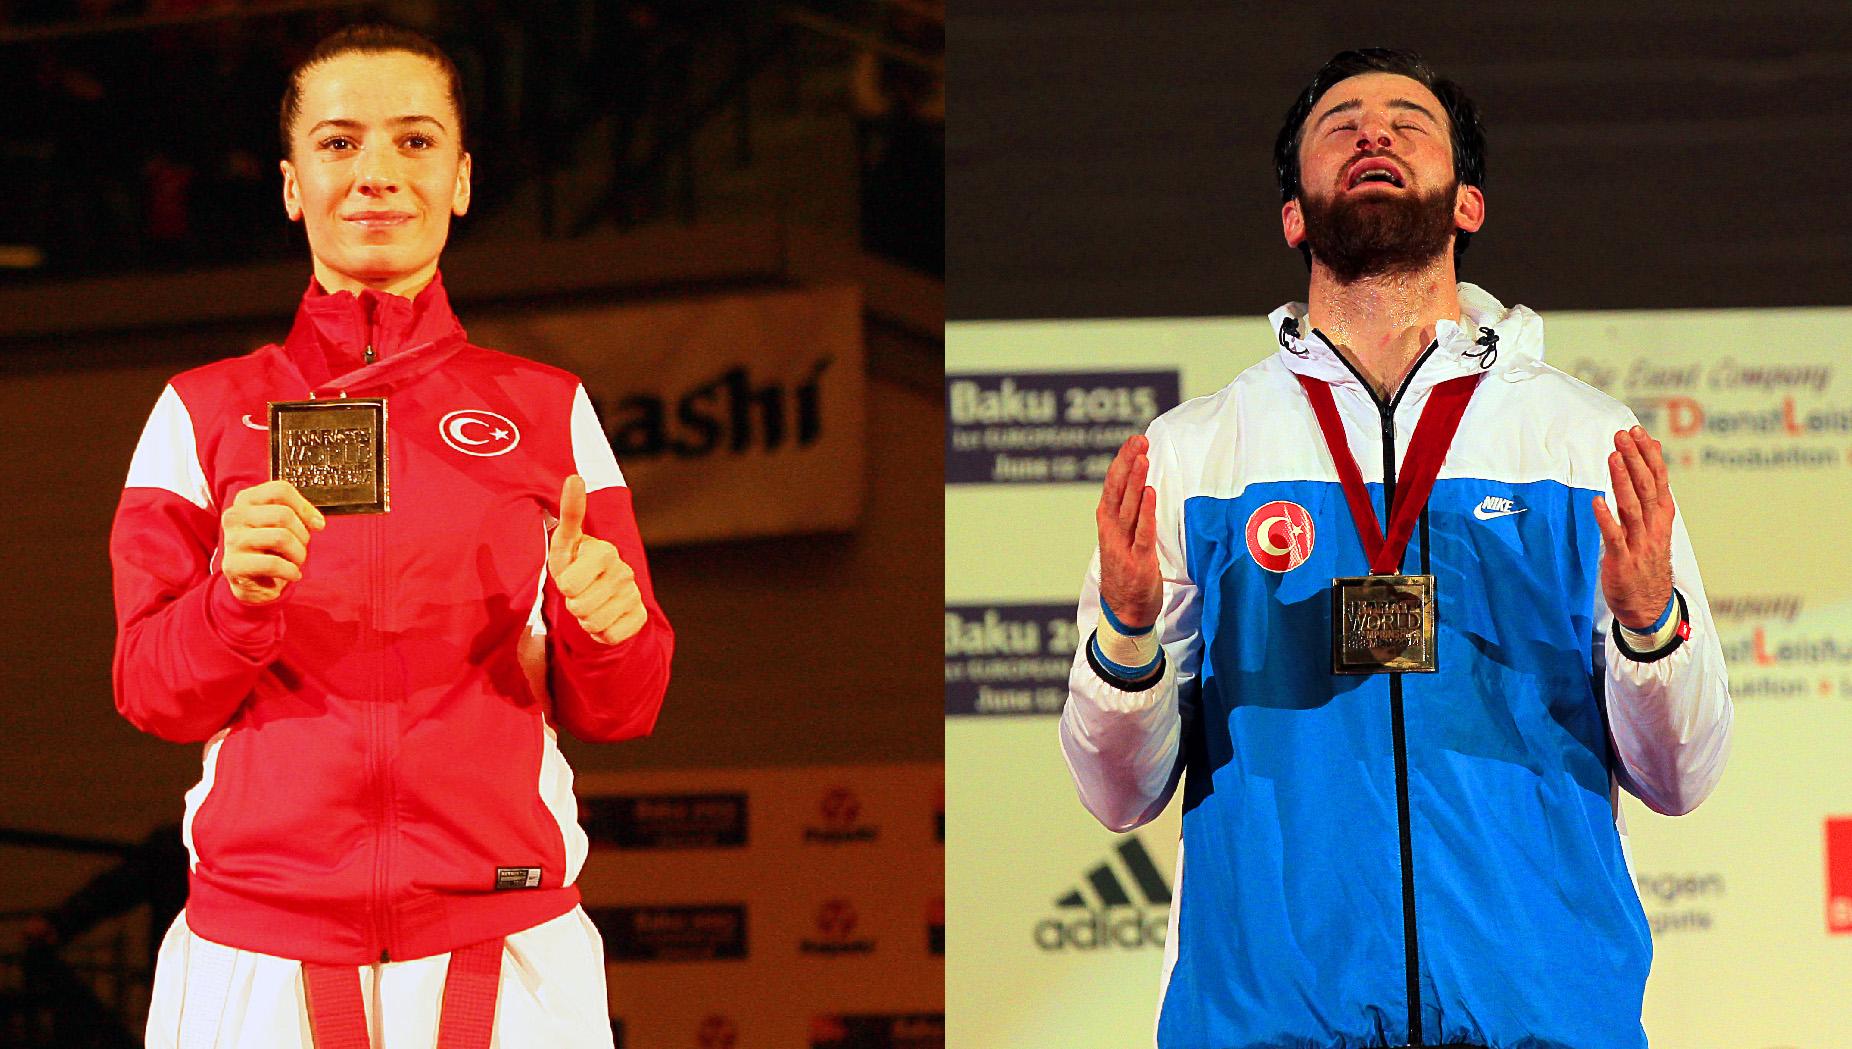 Dünya Karate Şampiyonası'nda, Enes Erkan ile Serap Özçelik altın madalya kazandı. tarihte bugün